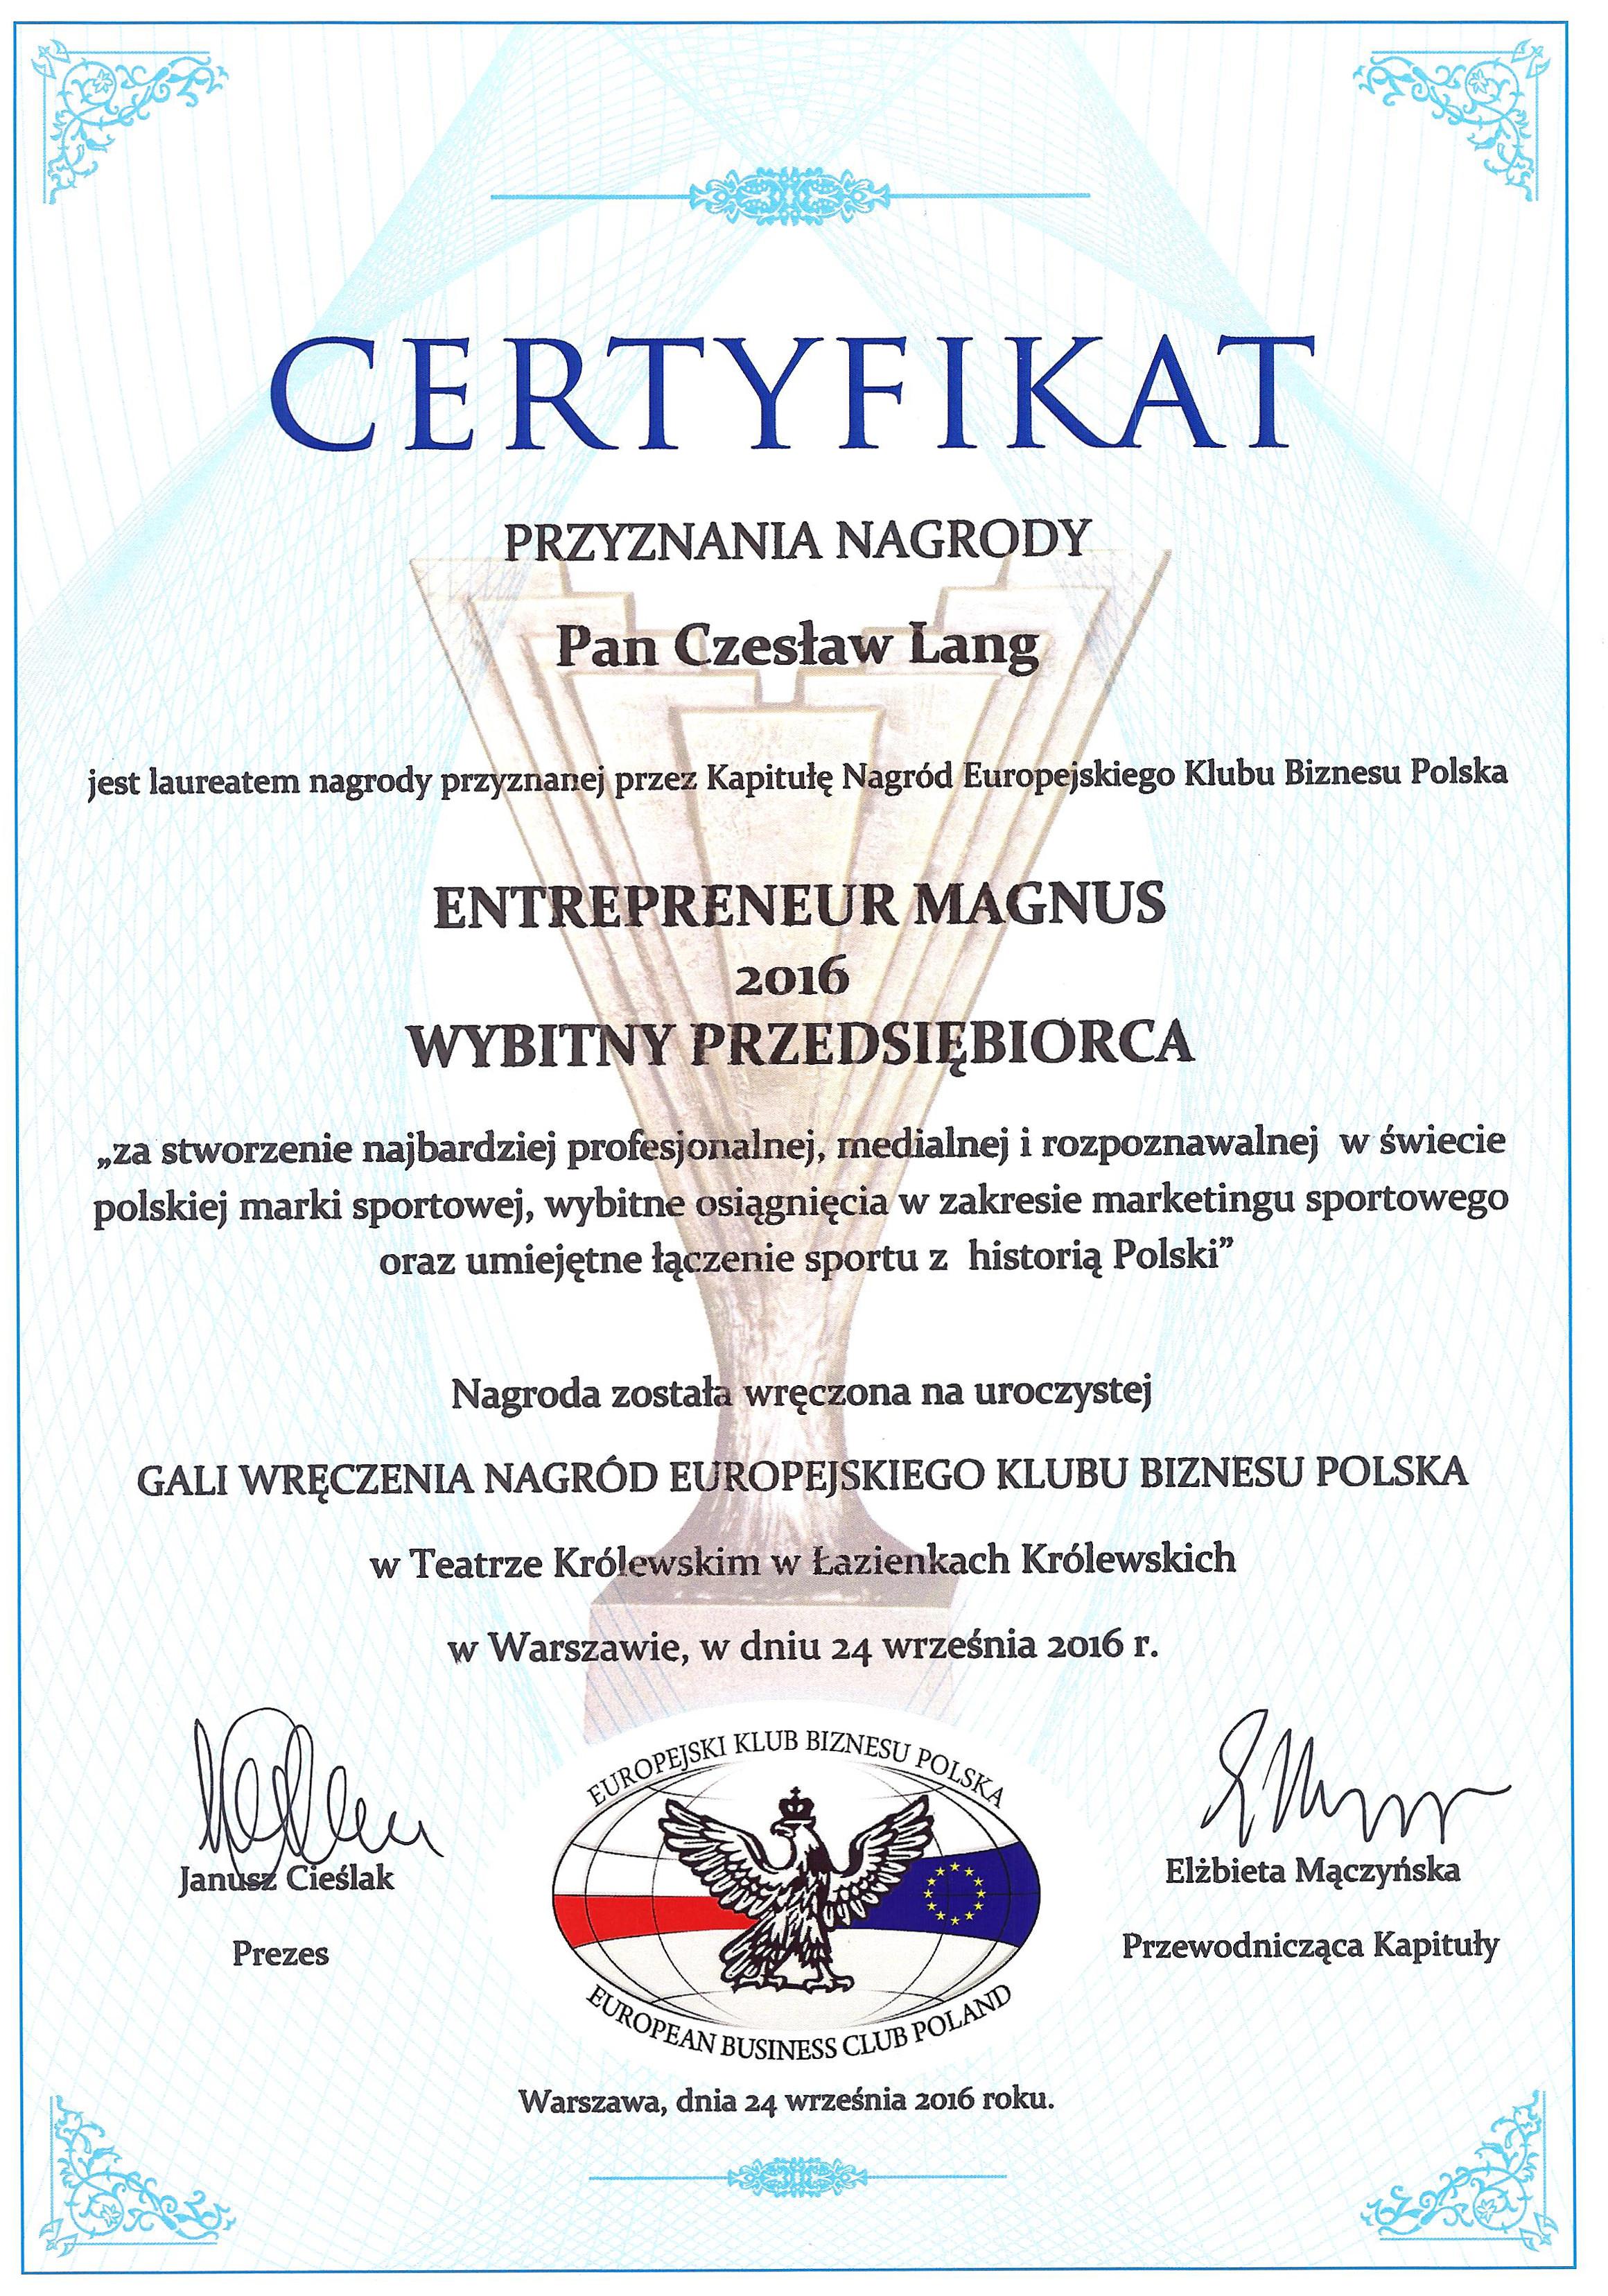 certyfikaty-cz-lang